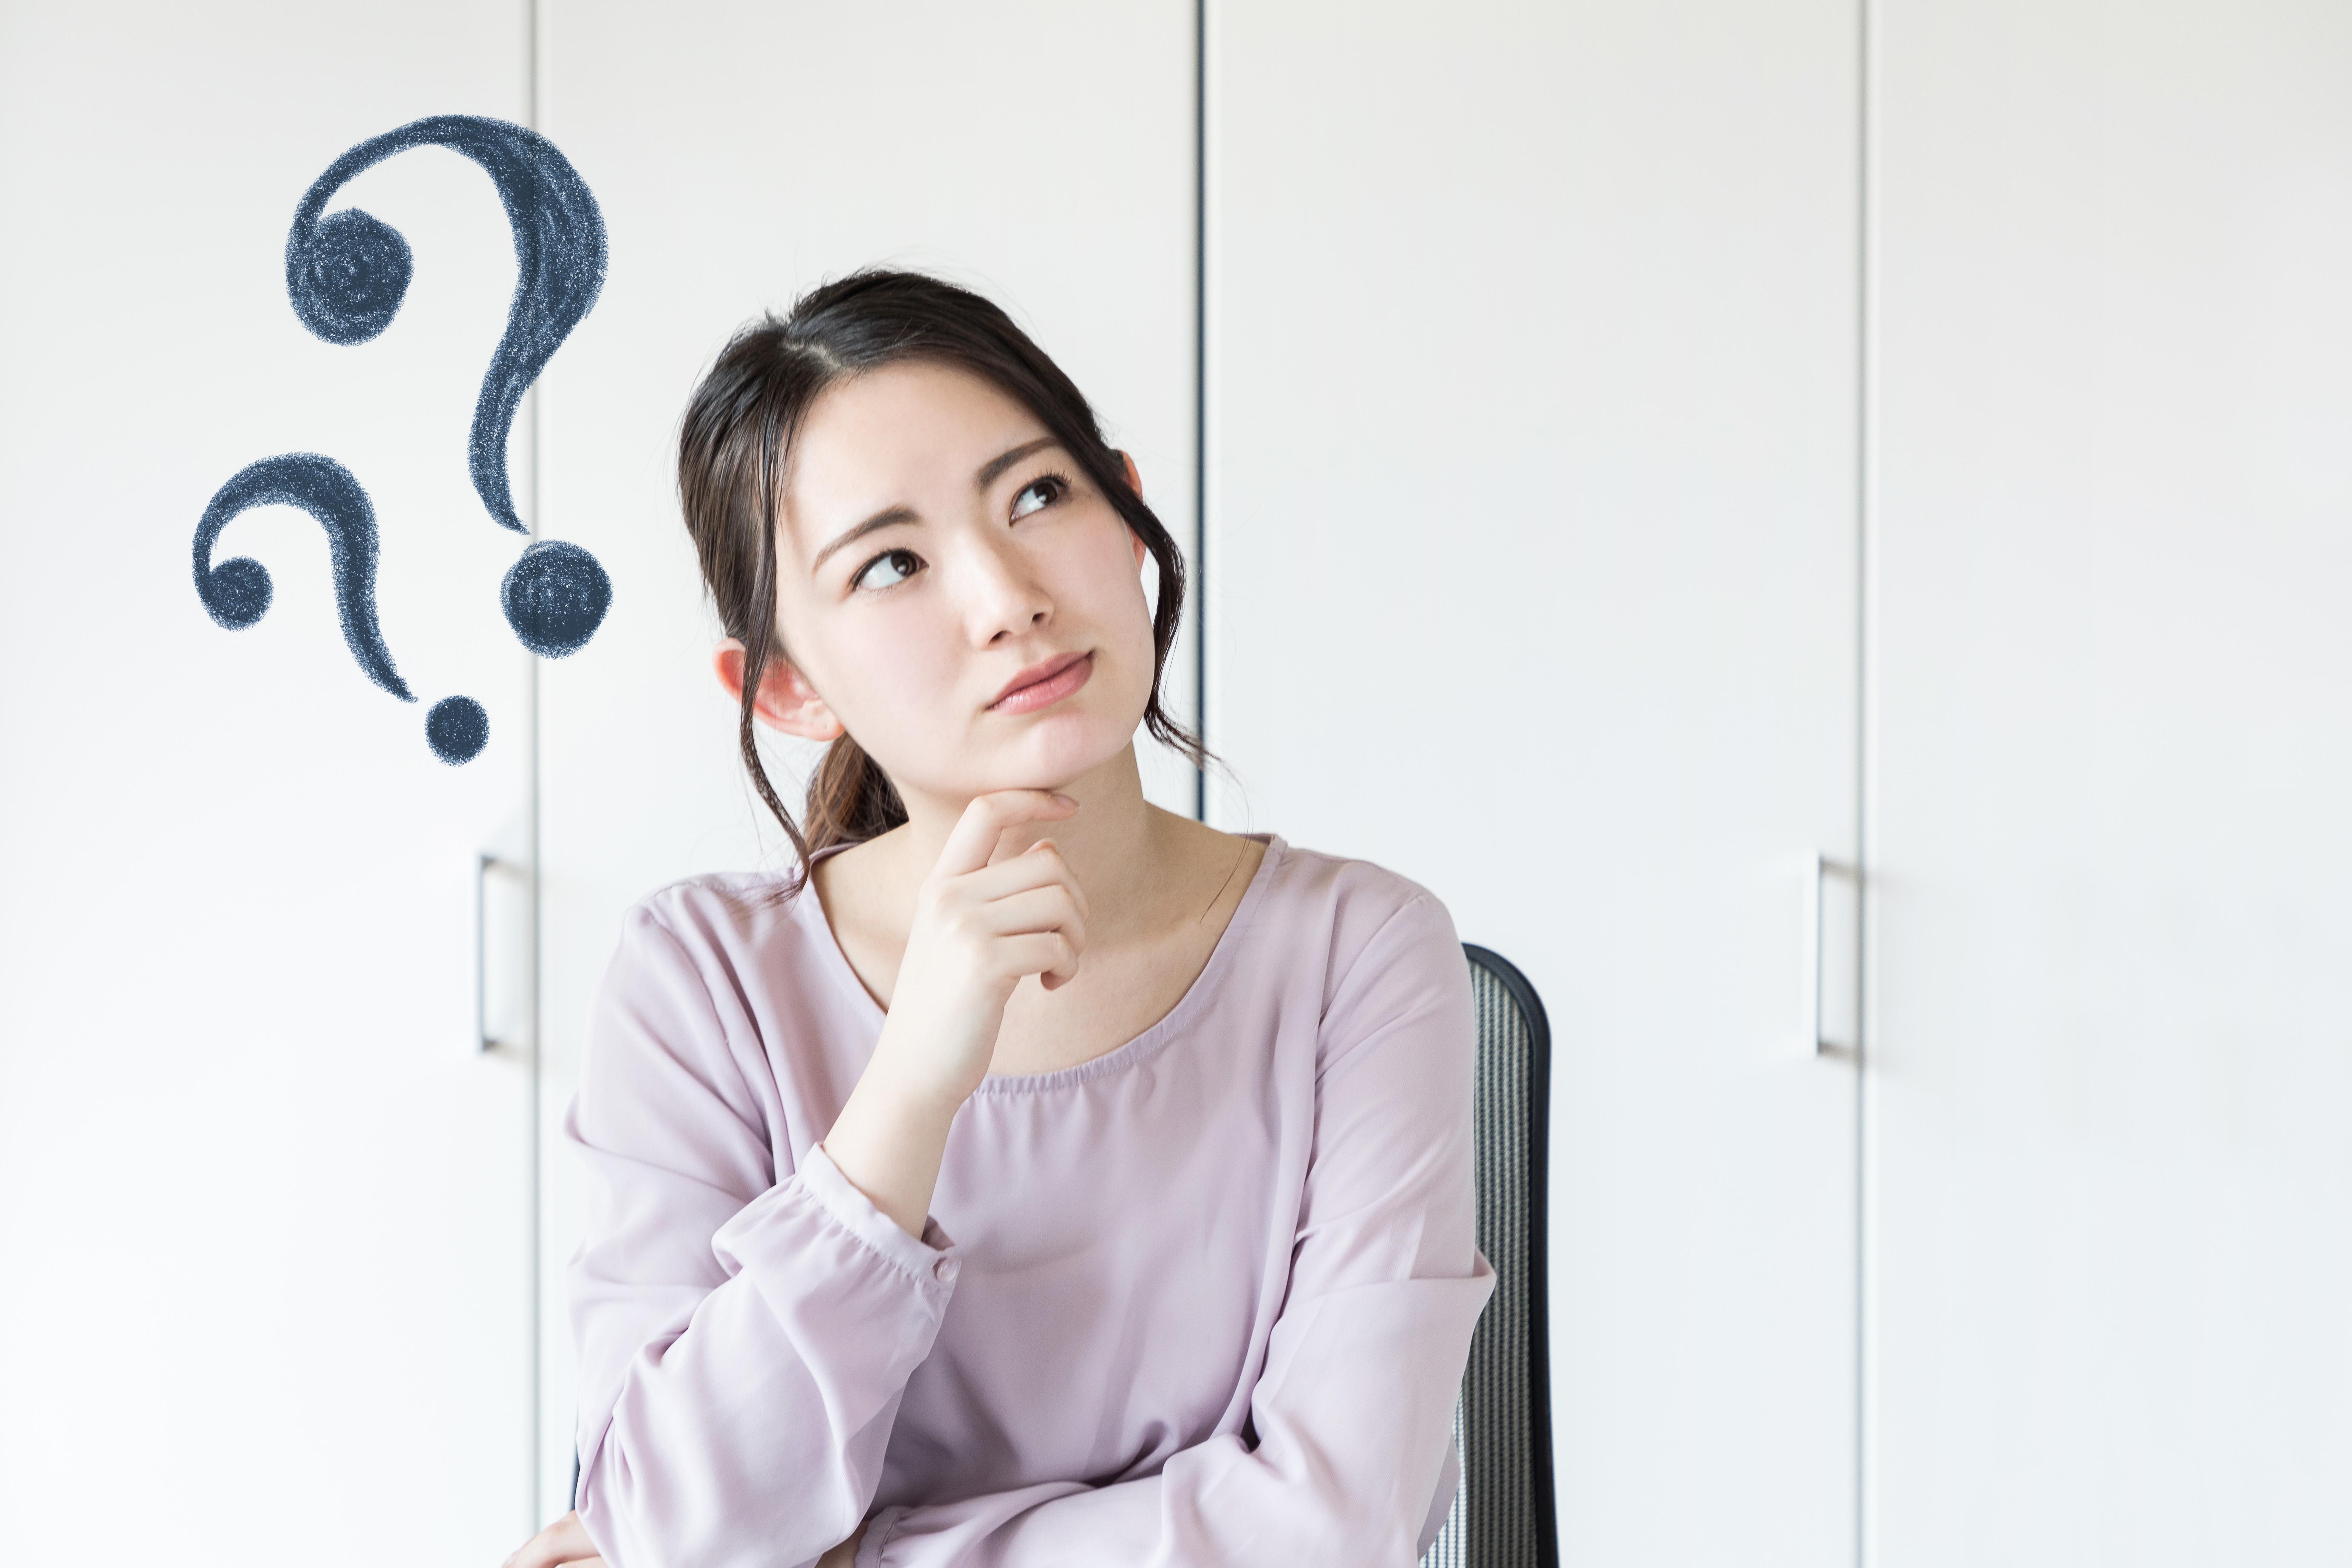 結婚相談所に向き不向きはある?うまくいく人はどんな人?